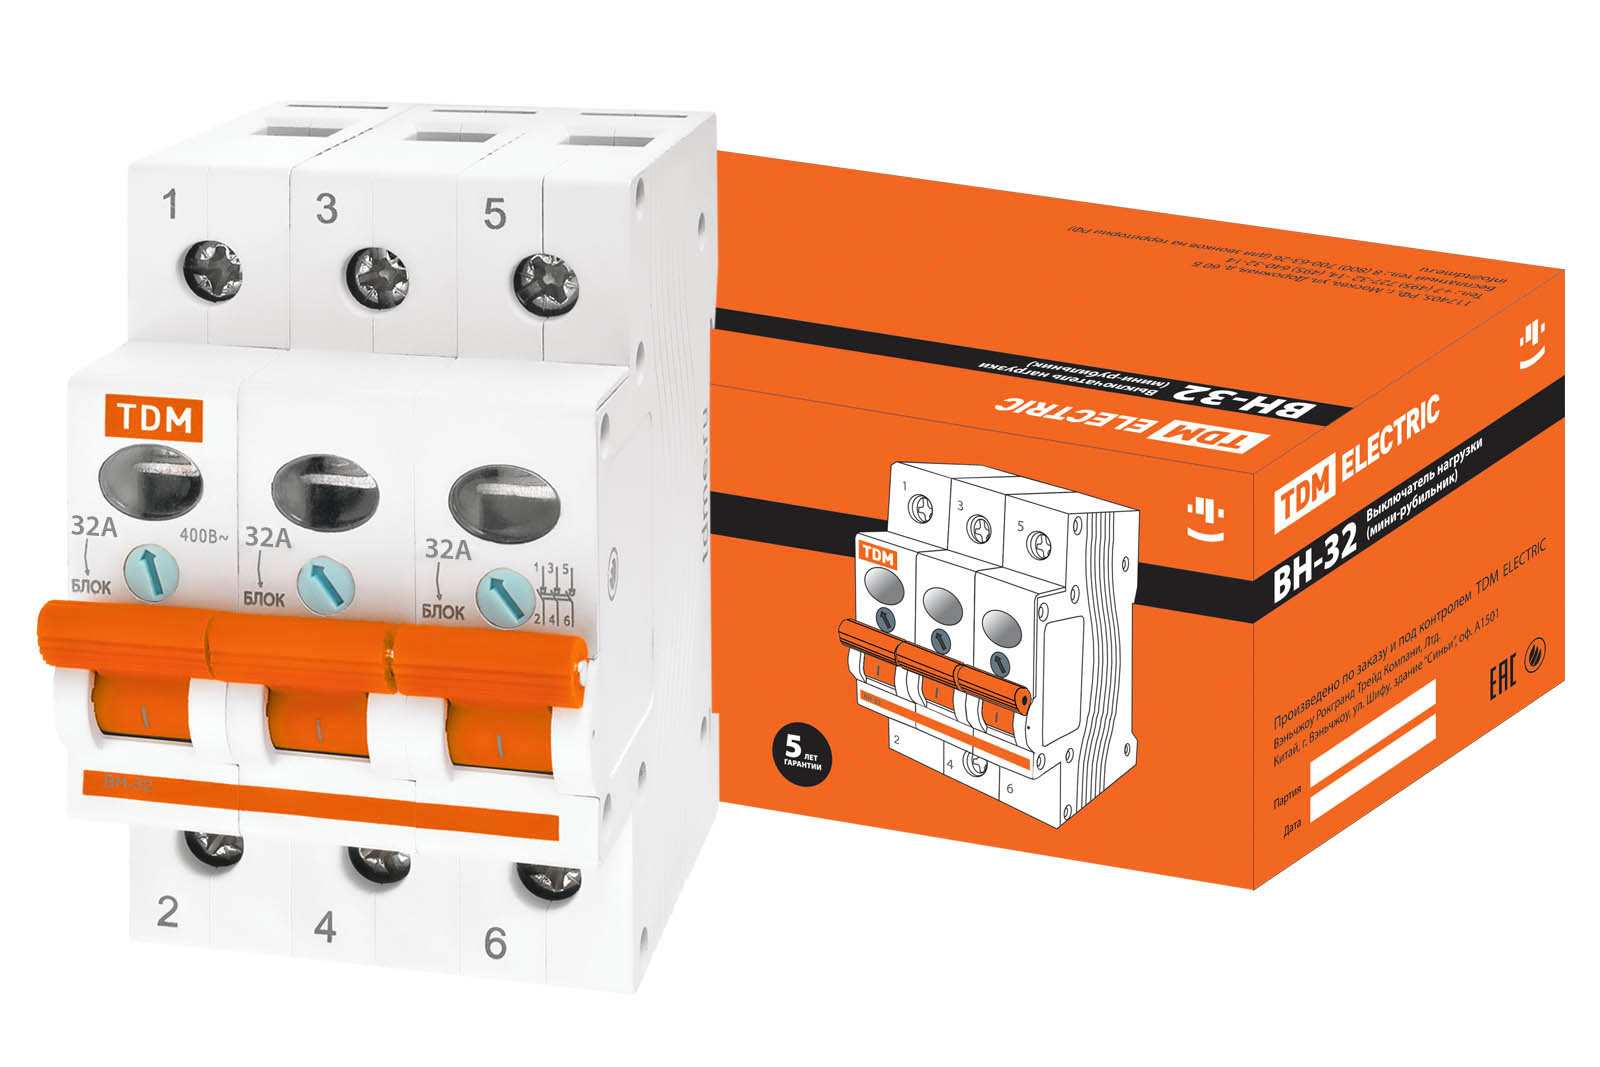 Рубильник Tdm Sq0211-0024 tdm выключатель нагрузки мини рубильник вн 32 3p 63a sq0211 0027